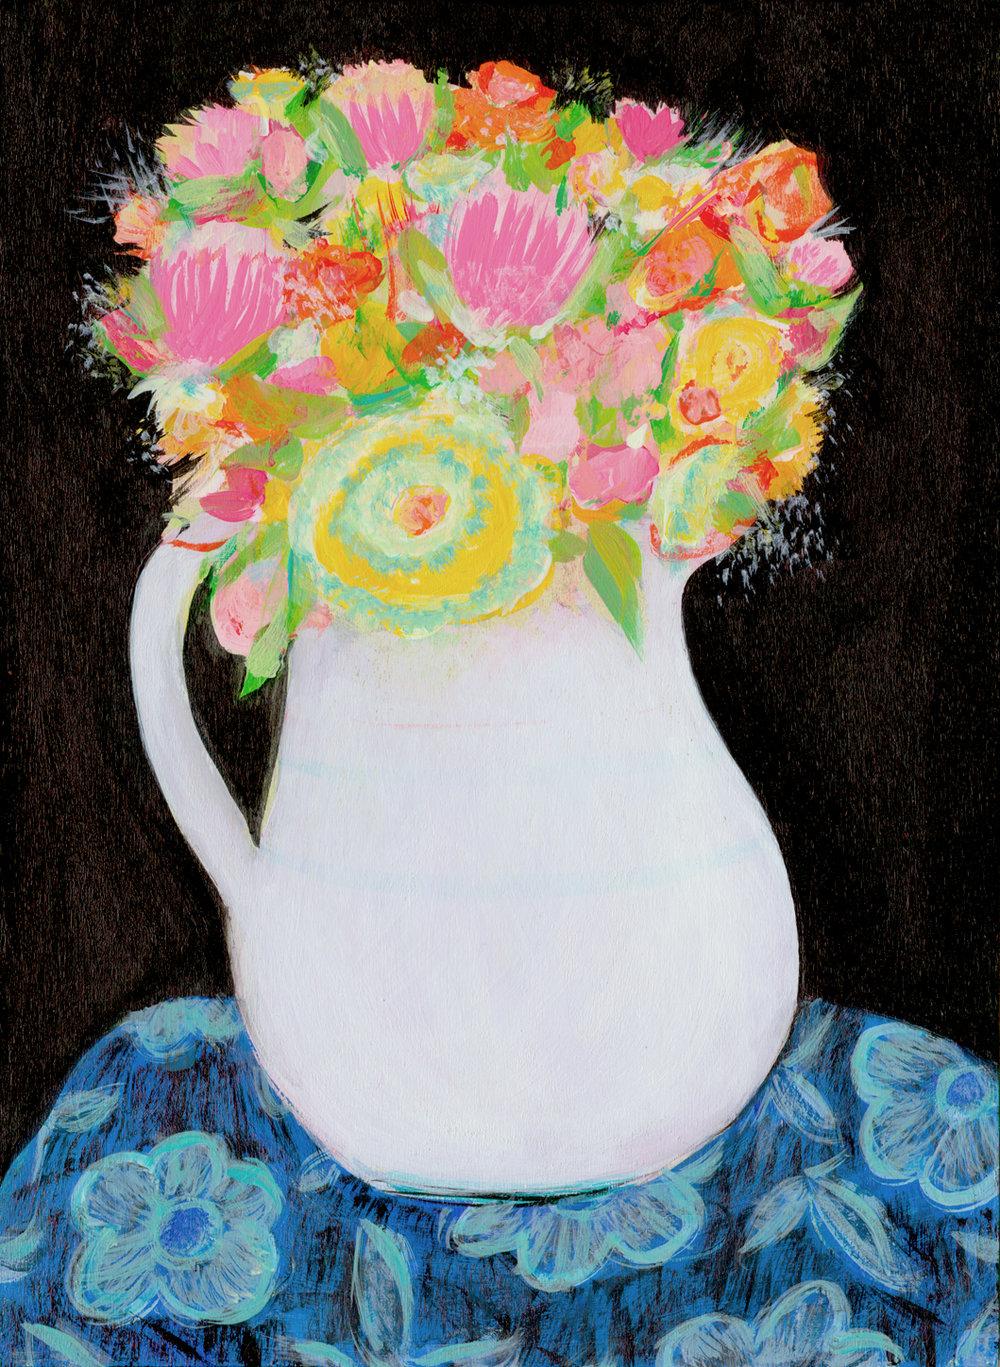 Allyn_Howard_wht_flower-vase.jpg